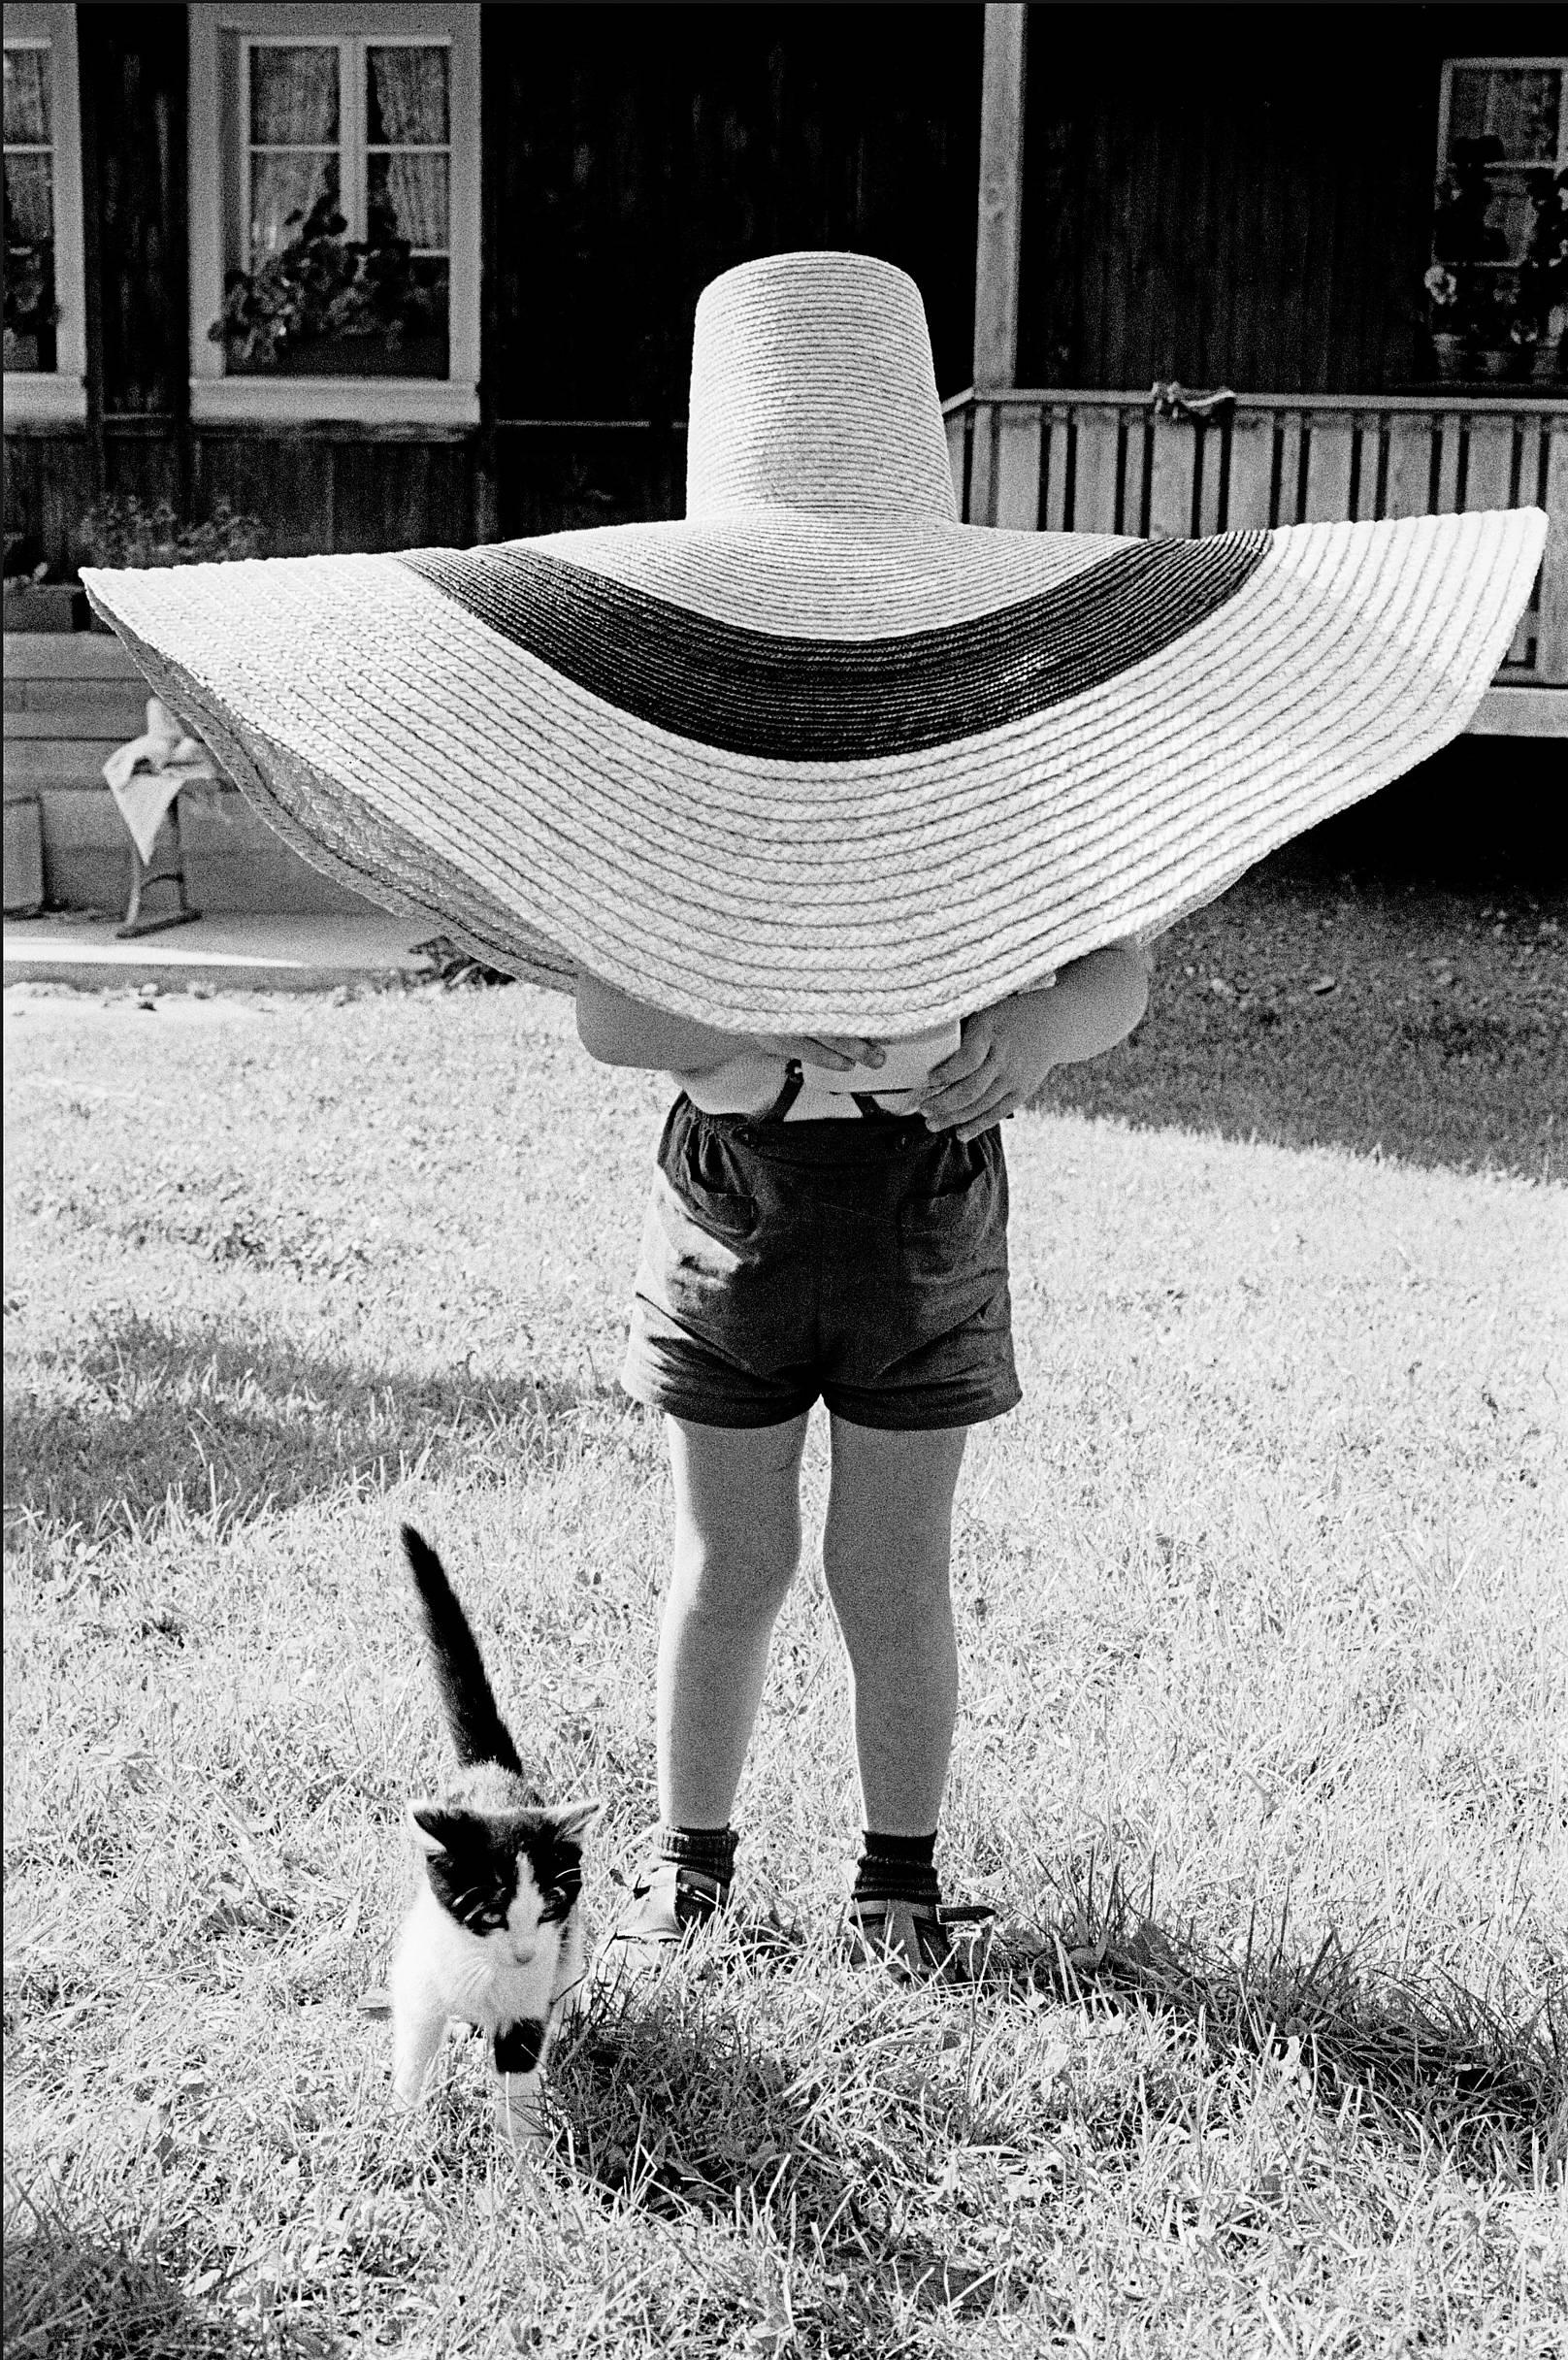 Fotó: Frank Horvat: 1959, Morgarten, Switzerland, Lorenzo under hat, with cat © Frank Horvat